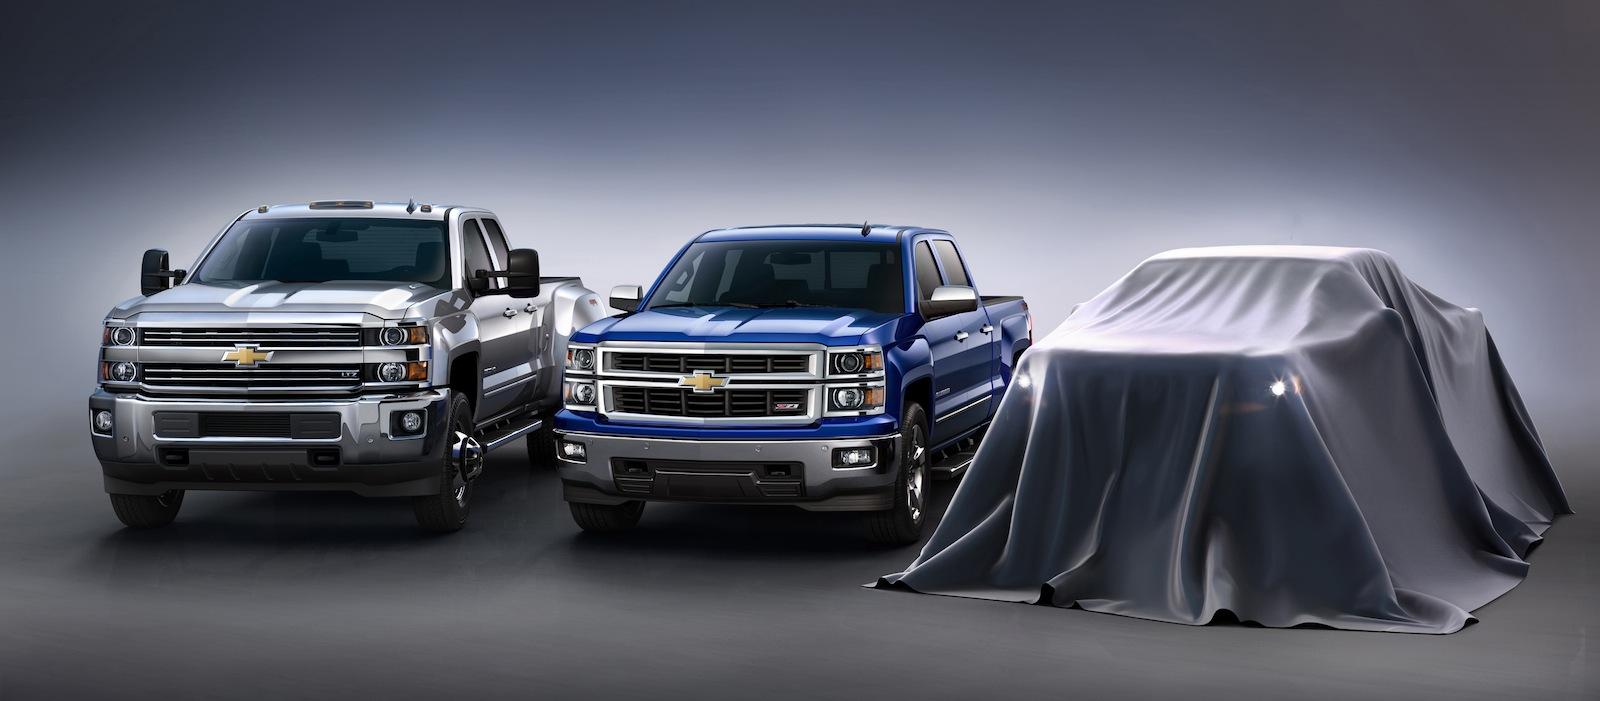 Dodge Truck Giveaway 2015 6 Cool Car Wallpaper